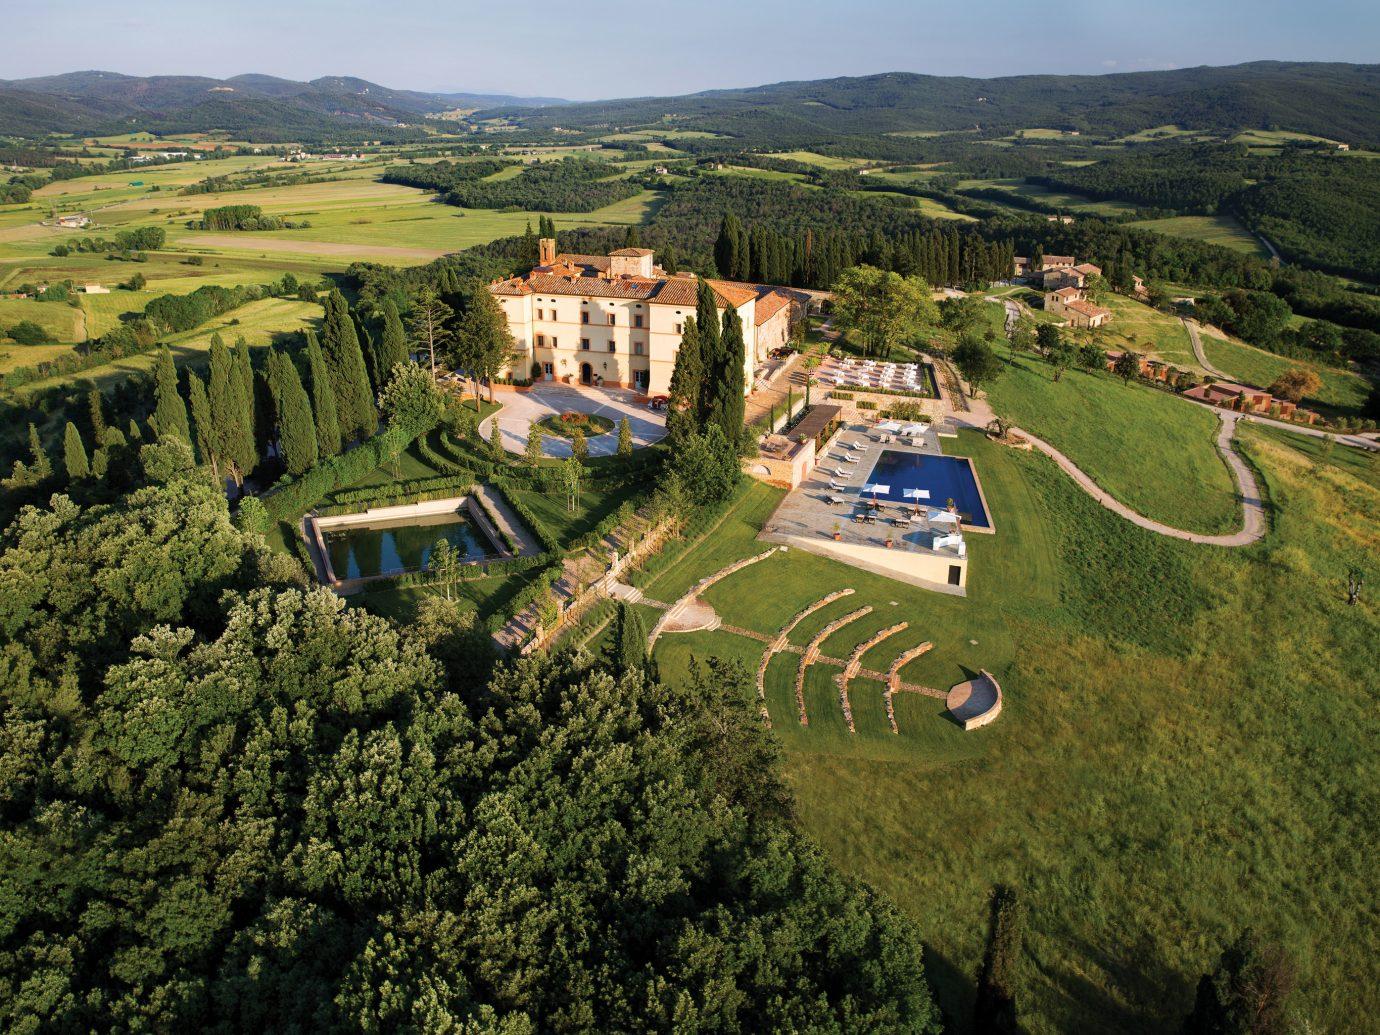 Aerial view of Belmond Castello di Casole